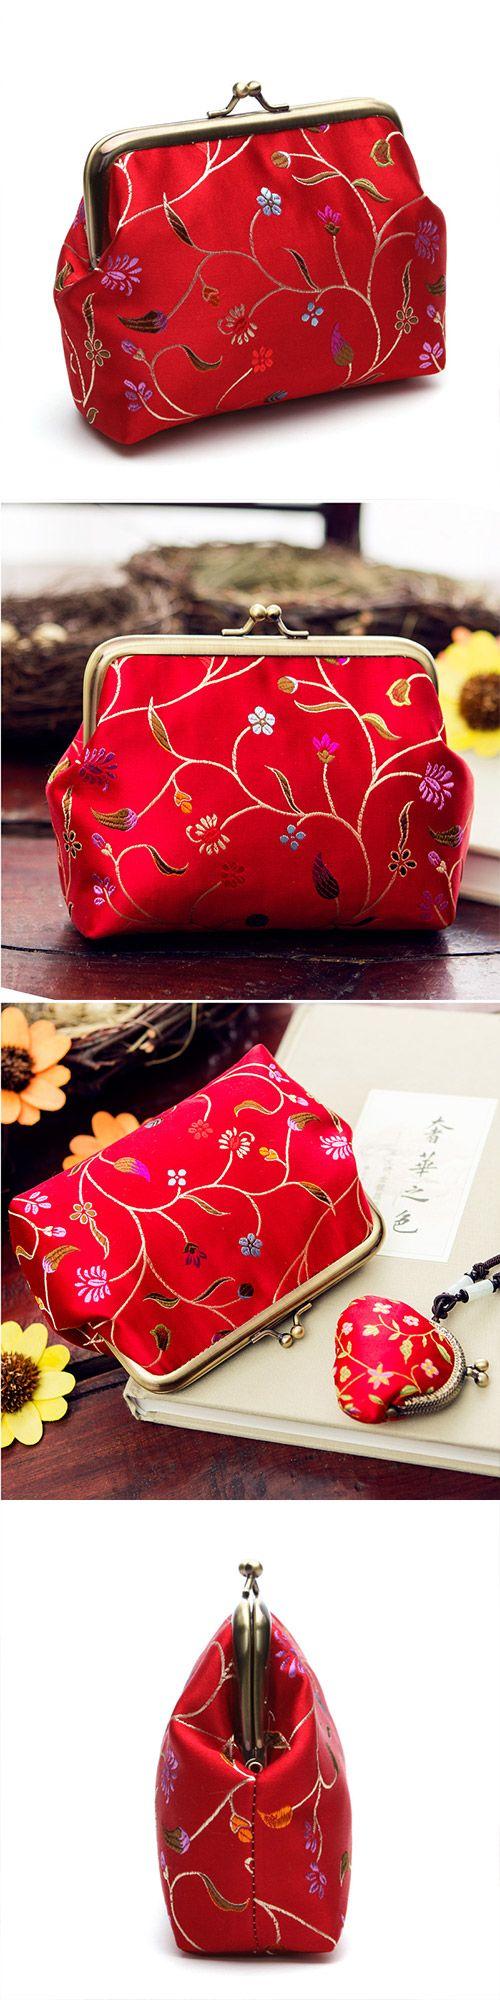 Handmade women clutch doupion silk brocade Chinese embroidery purse clutch long women wallet